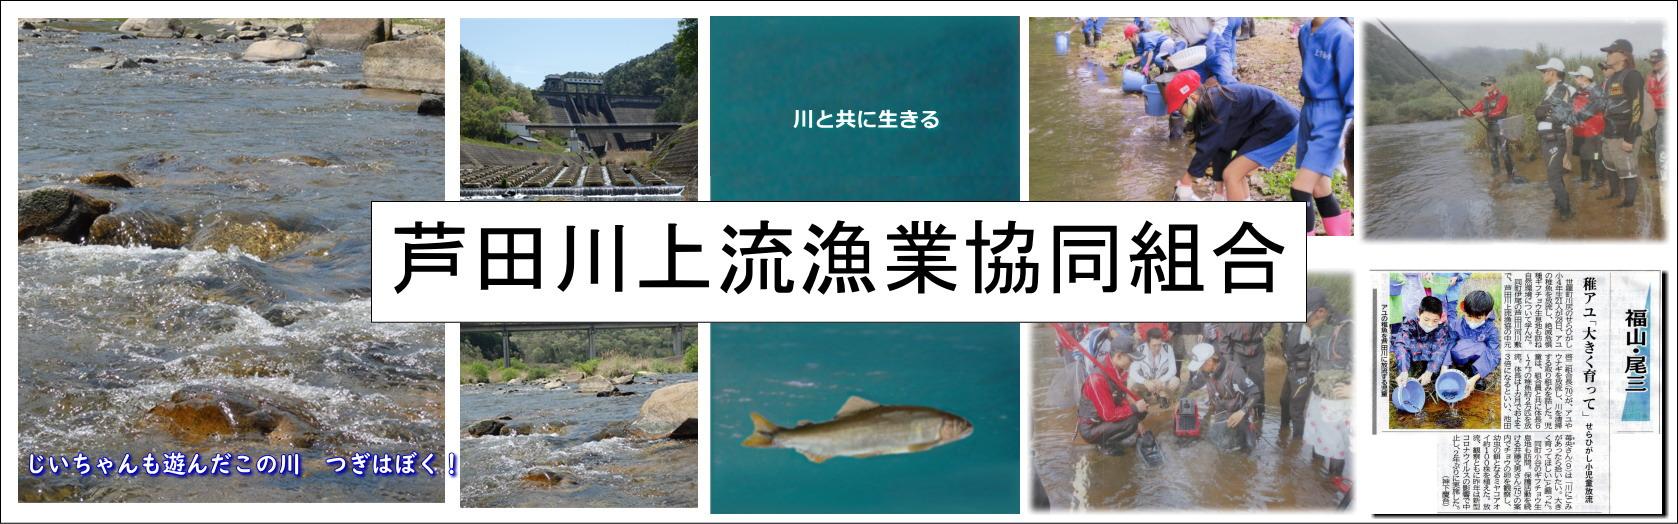 芦田川上流漁業協同組合